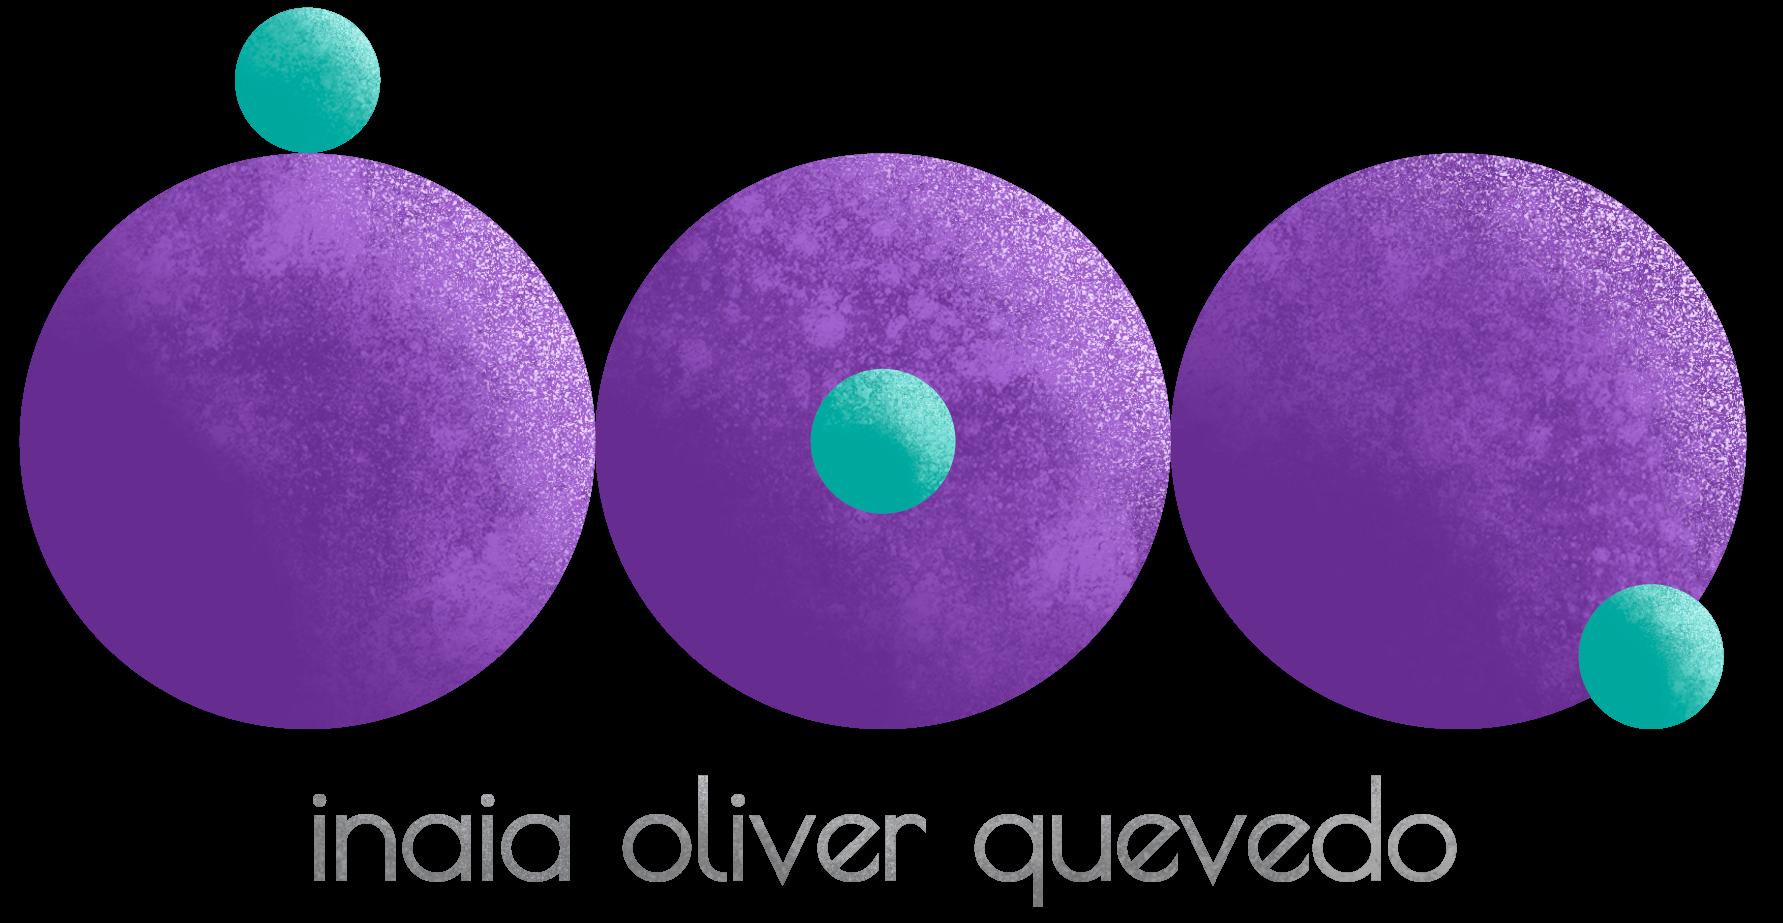 Inaia Oliver Quevedo